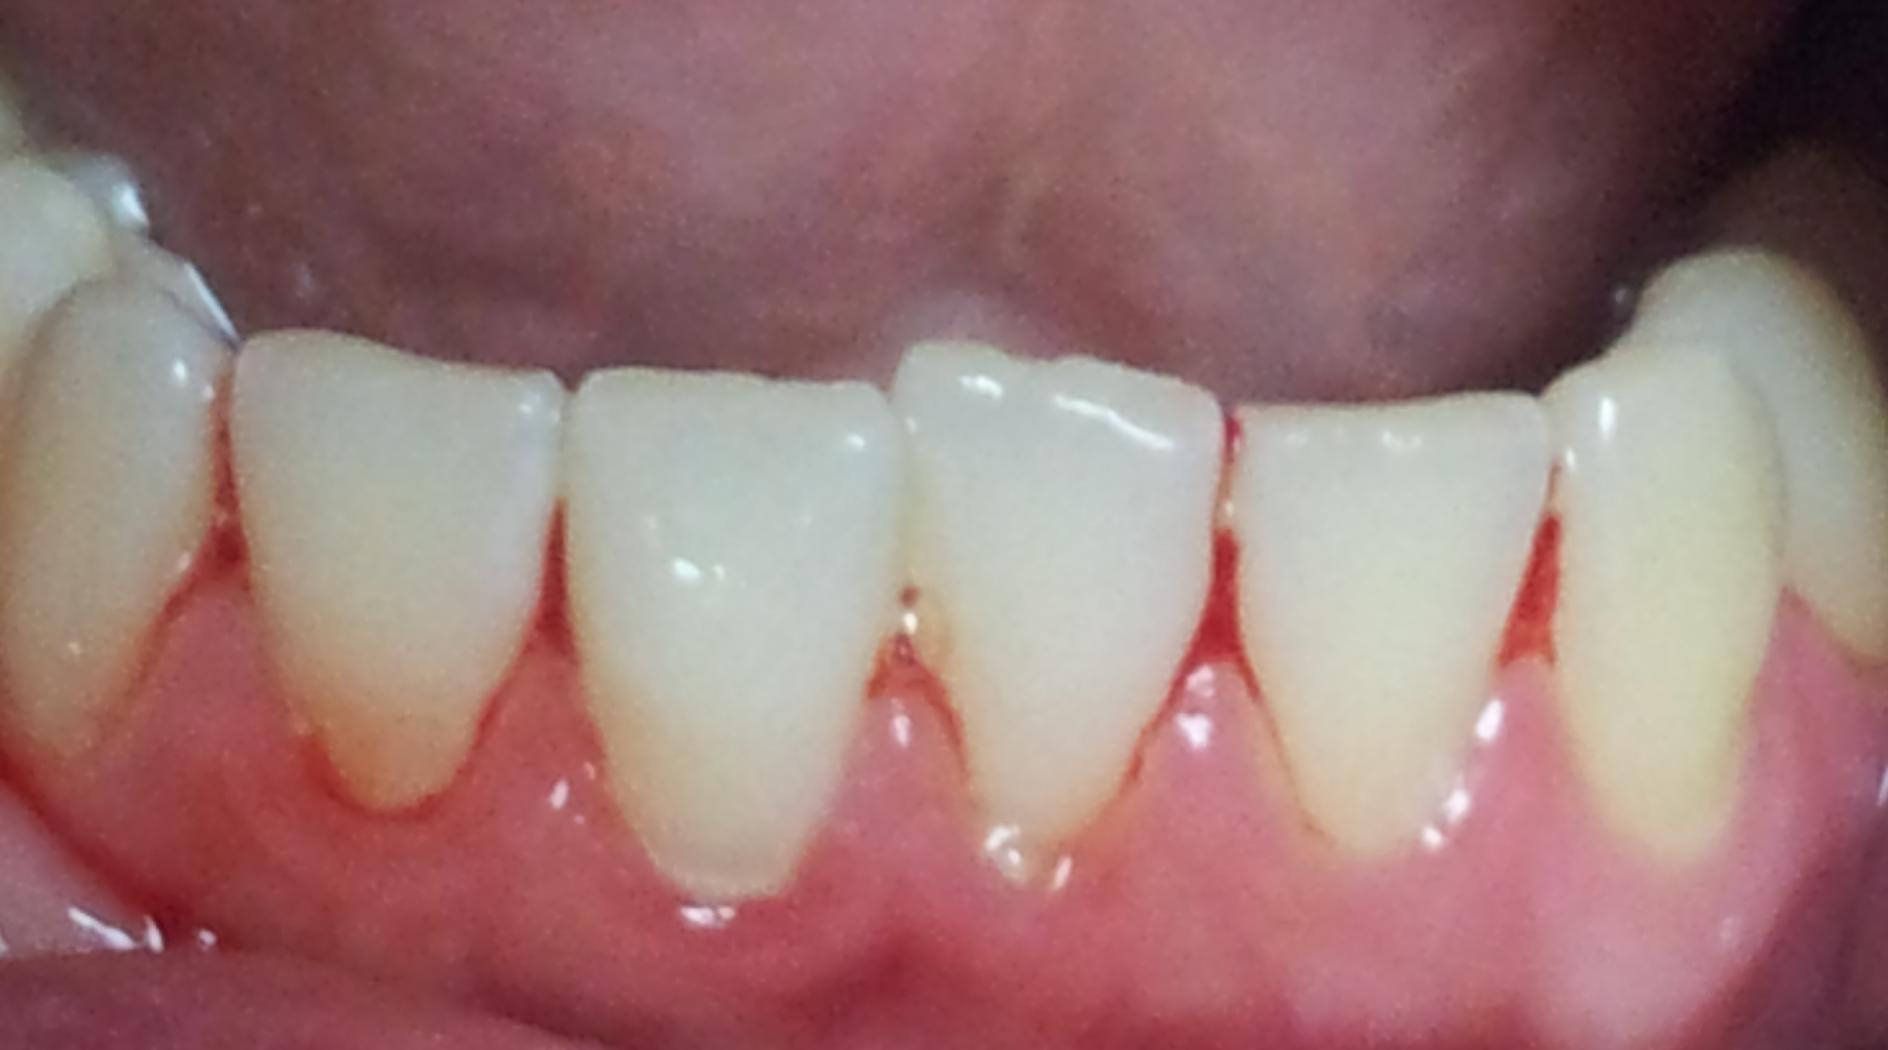 Симптомы и лечение гингивита у взрослых. Когда не обойтись без похода в стоматологию